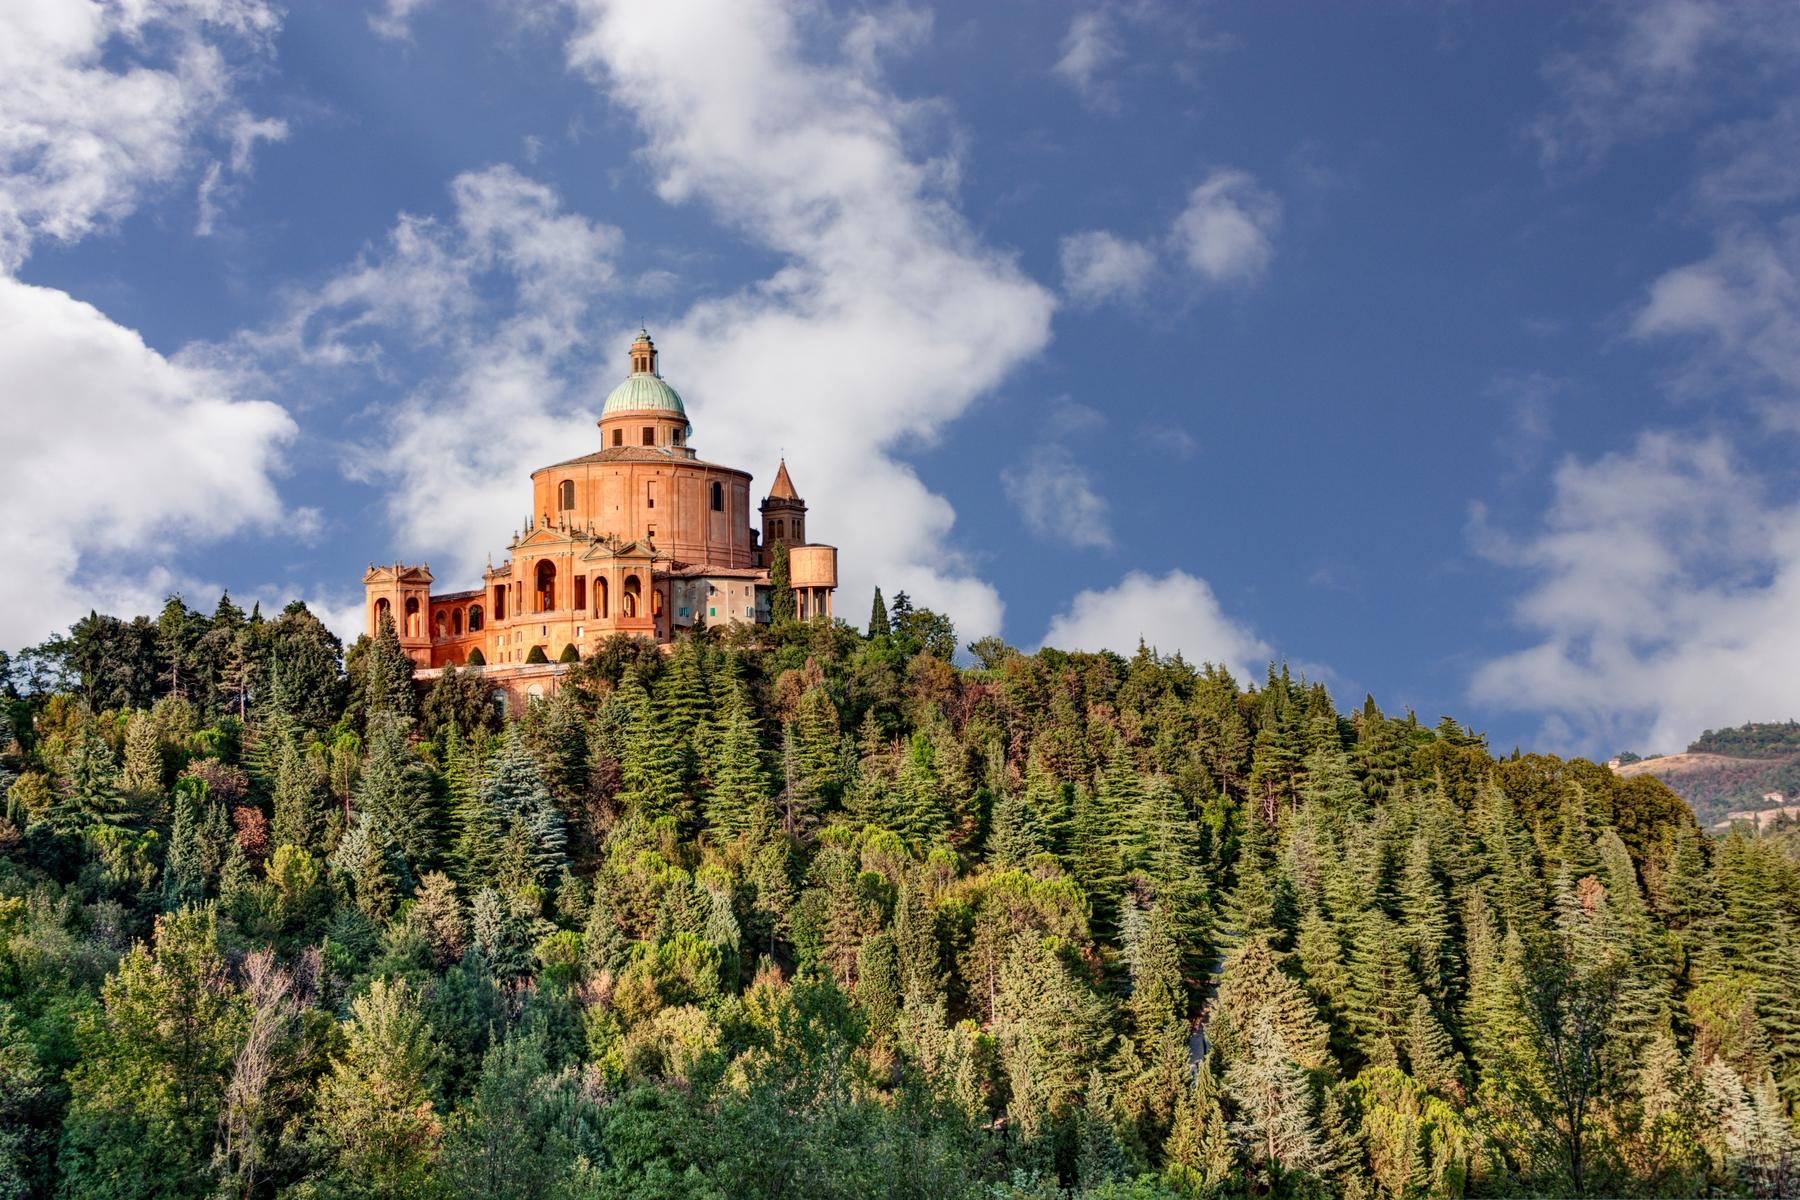 Церковь Мадонна-ди-Сан-Люка на лесистой горе.